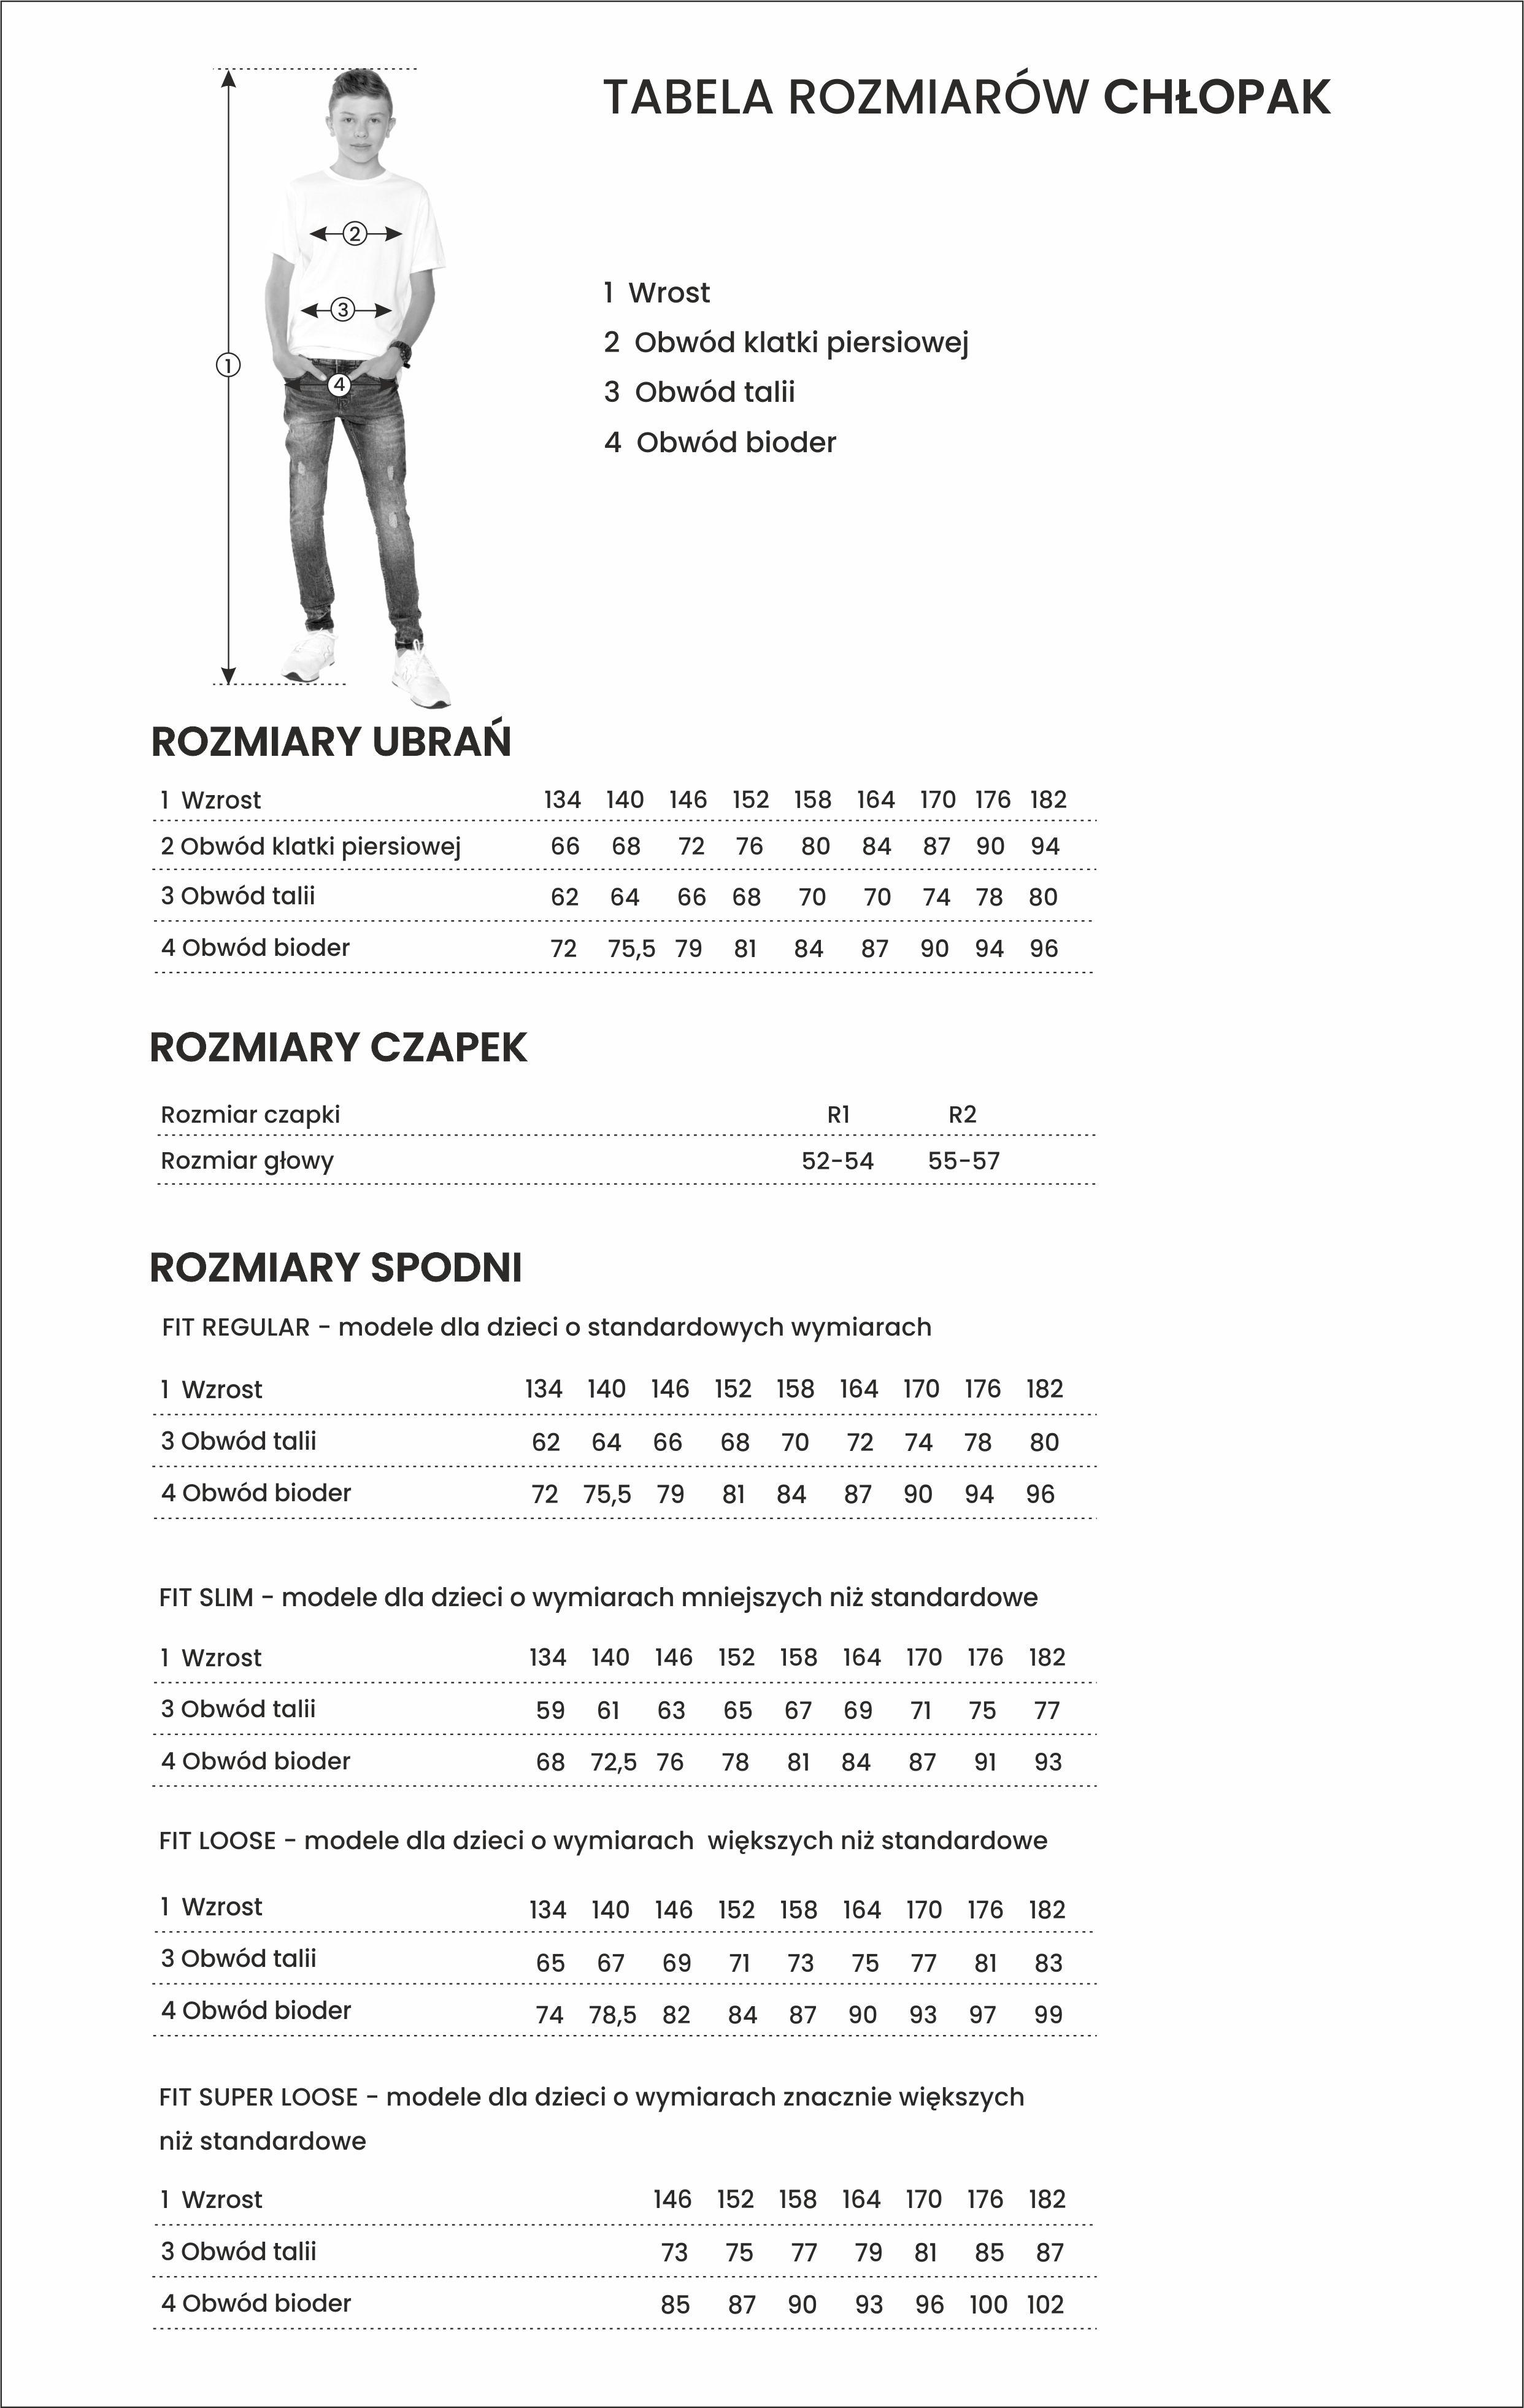 Tabela rozmiarów dla chłopaka